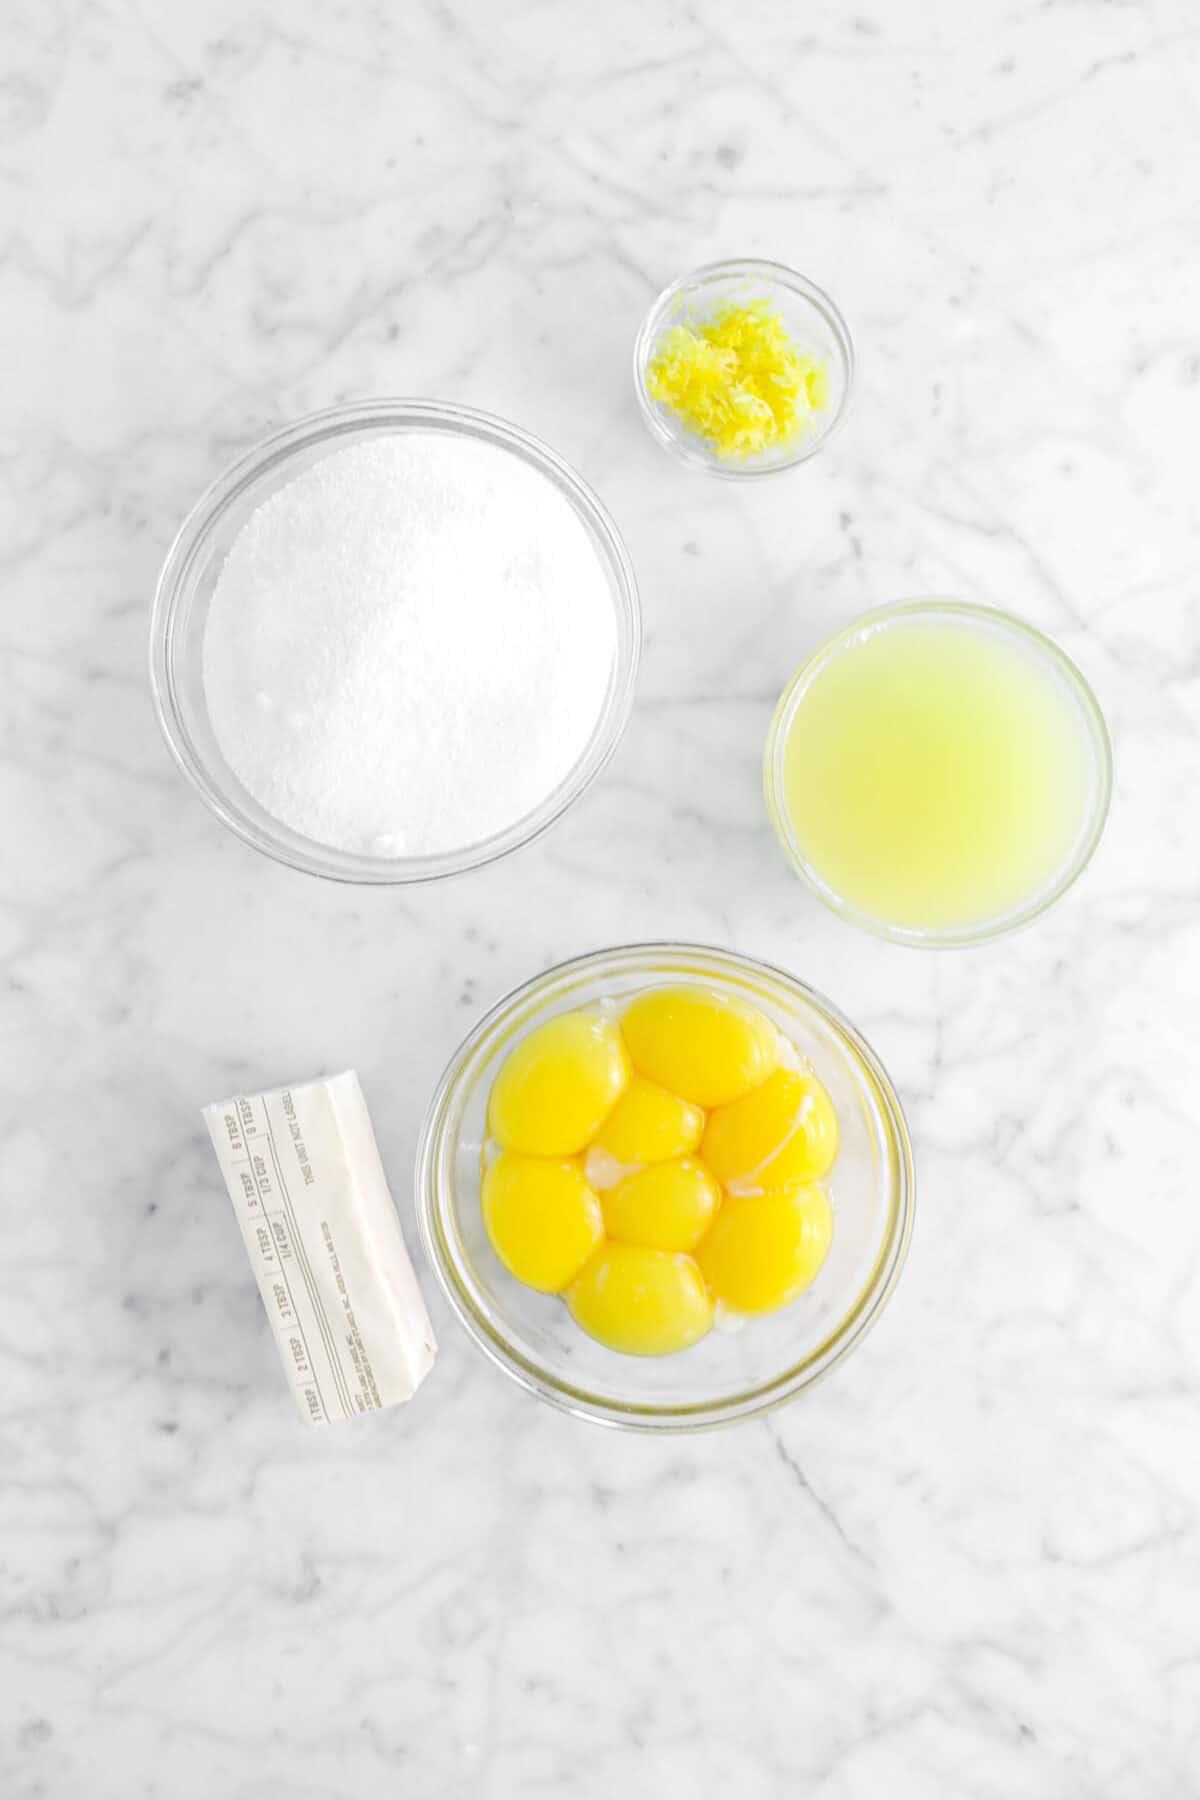 lemon zest, sugar, lemon juice, egg yolks, butter on marble counter